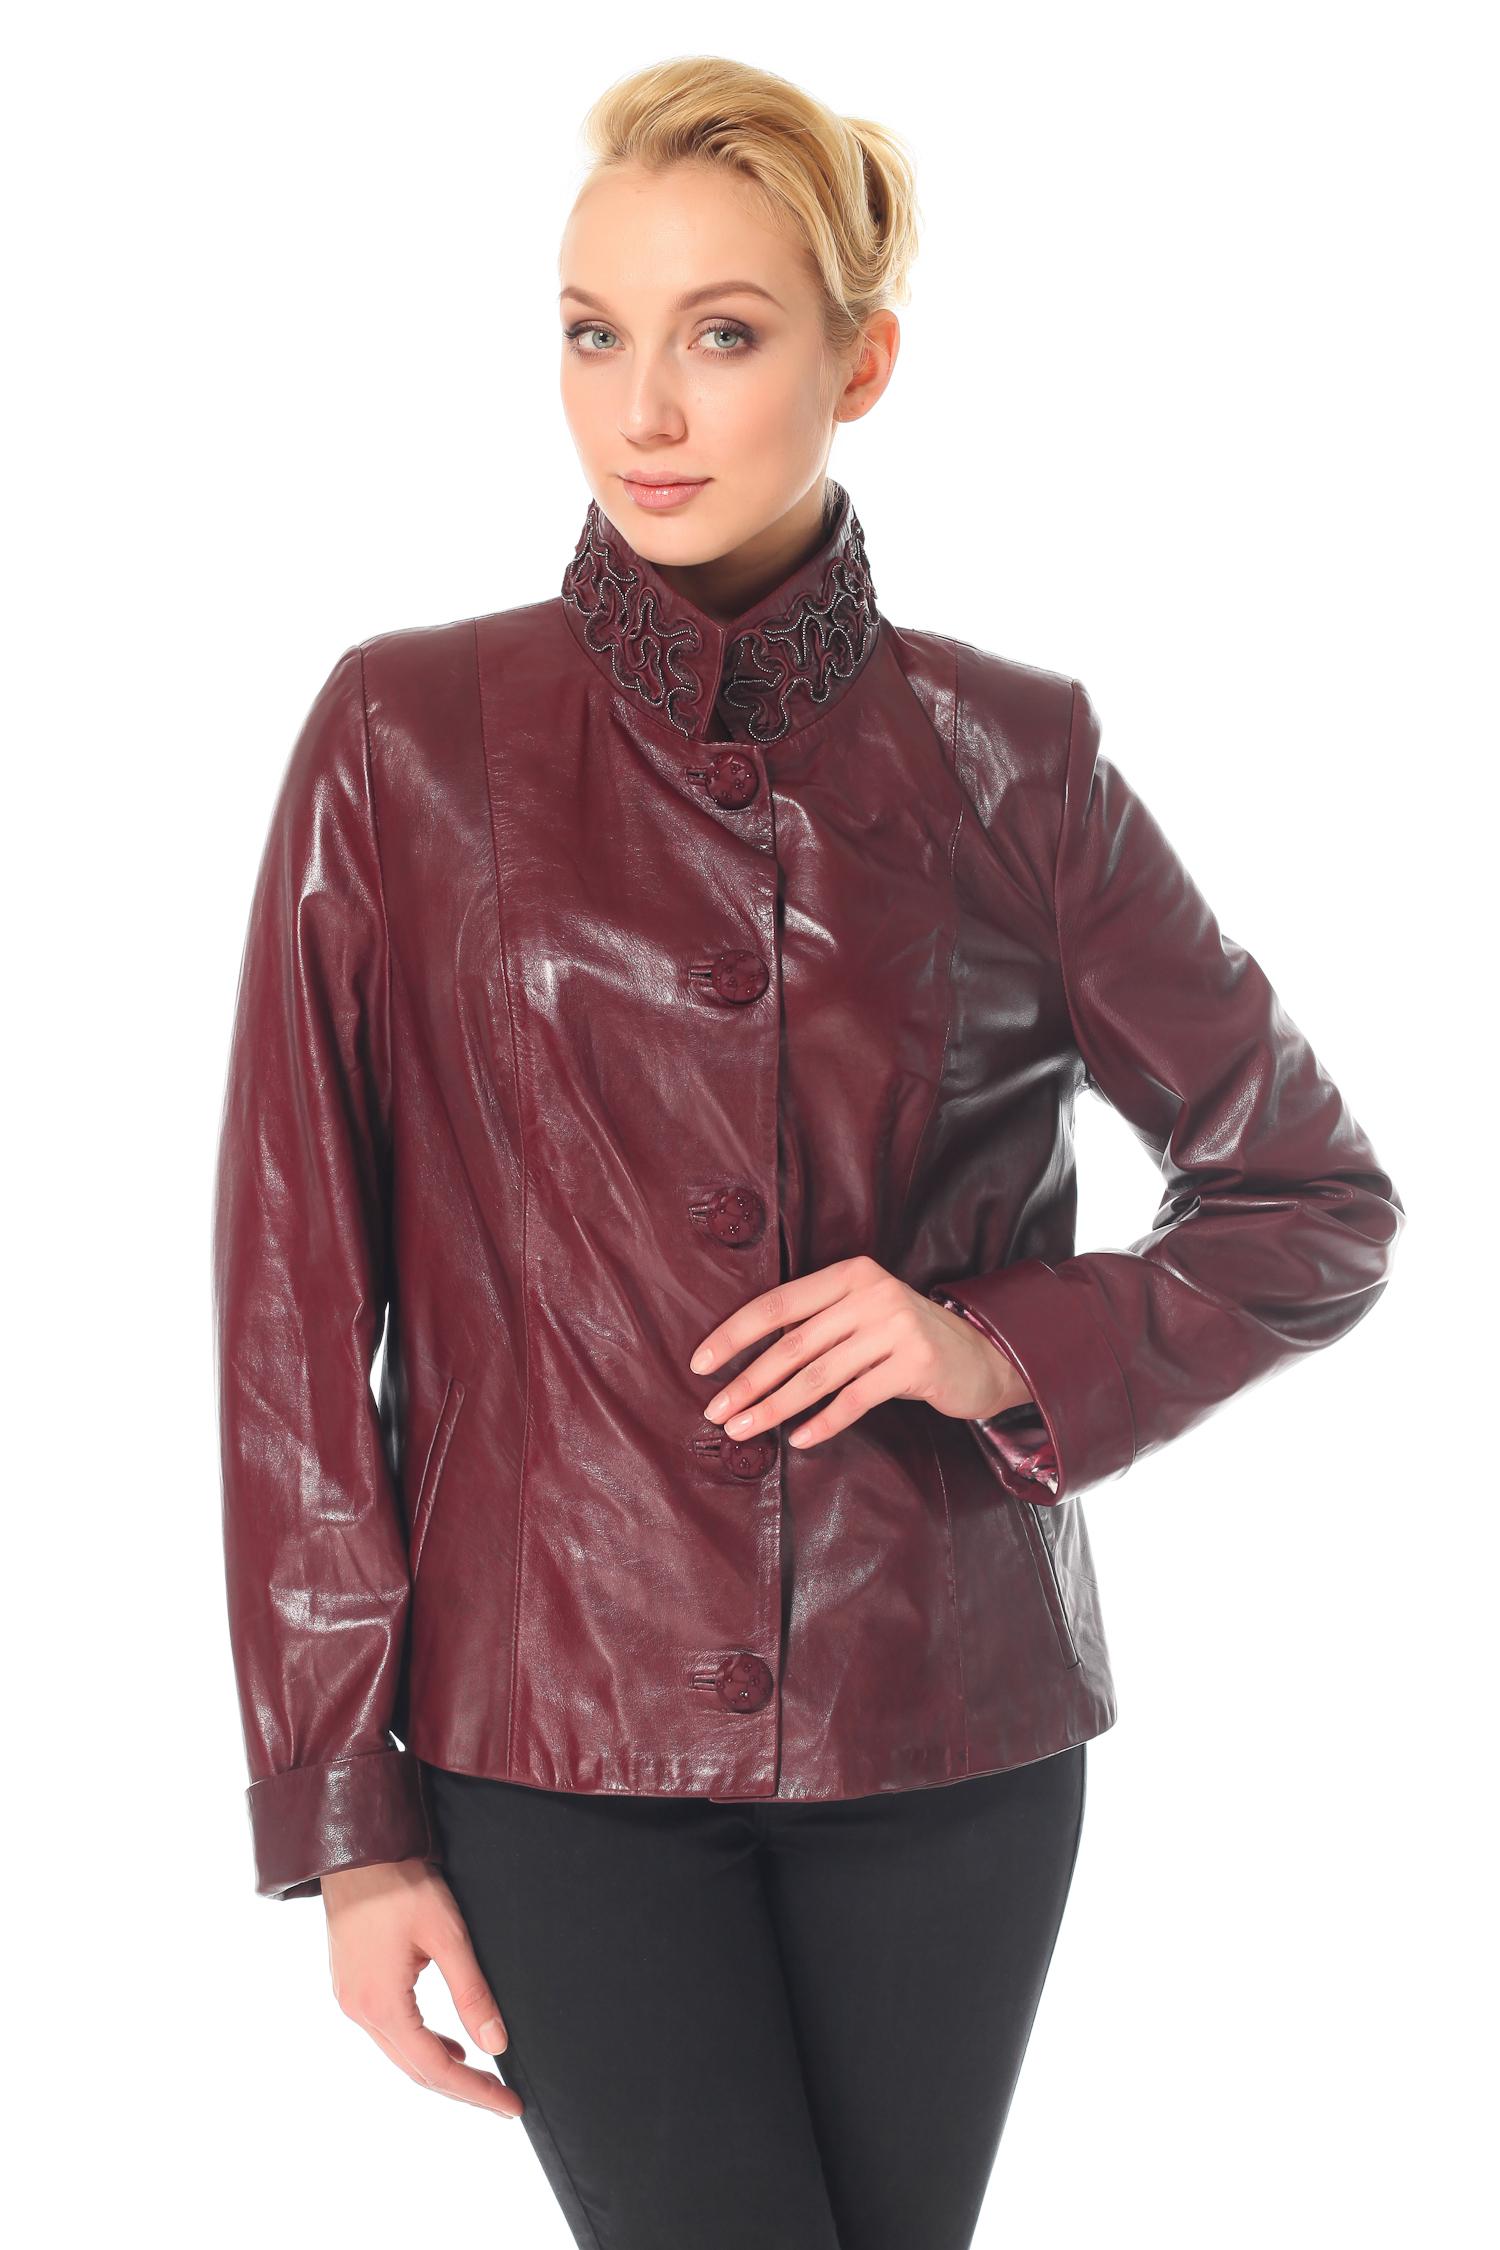 Женская кожаная куртка из натуральной кожи с воротником, без отделки<br><br>Воротник: Стойка<br>Длина см: 60<br>Материал: Натуральная кожа<br>Цвет: Бордовый<br>Пол: Женский